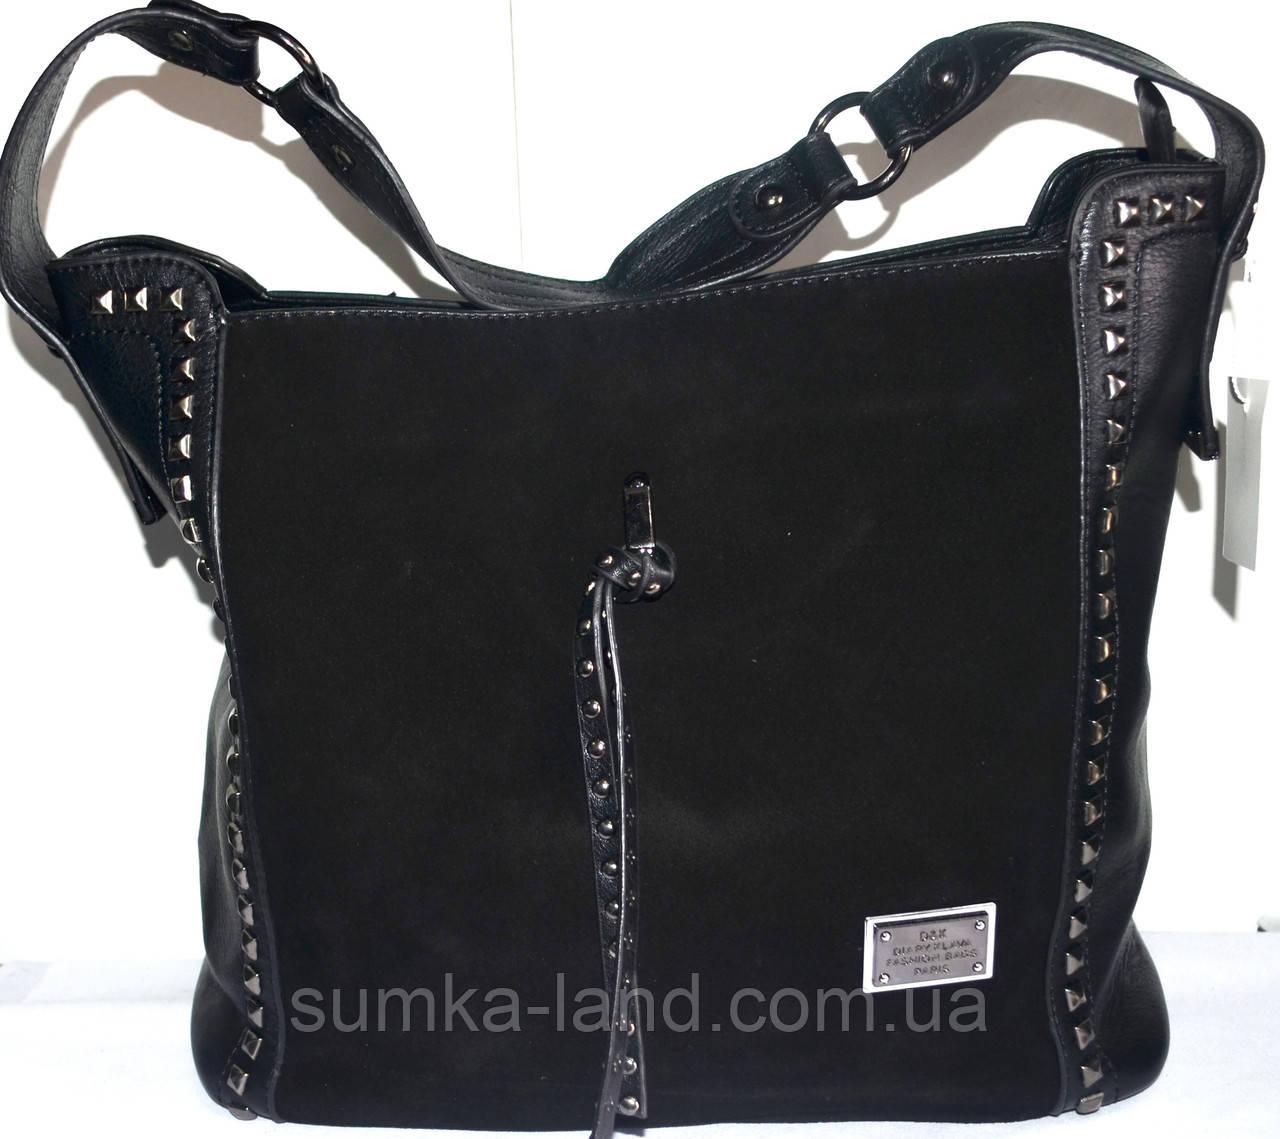 c69ffff3eec6 Женская замшевая сумка на два отдела черная 31*30: продажа, цена в ...